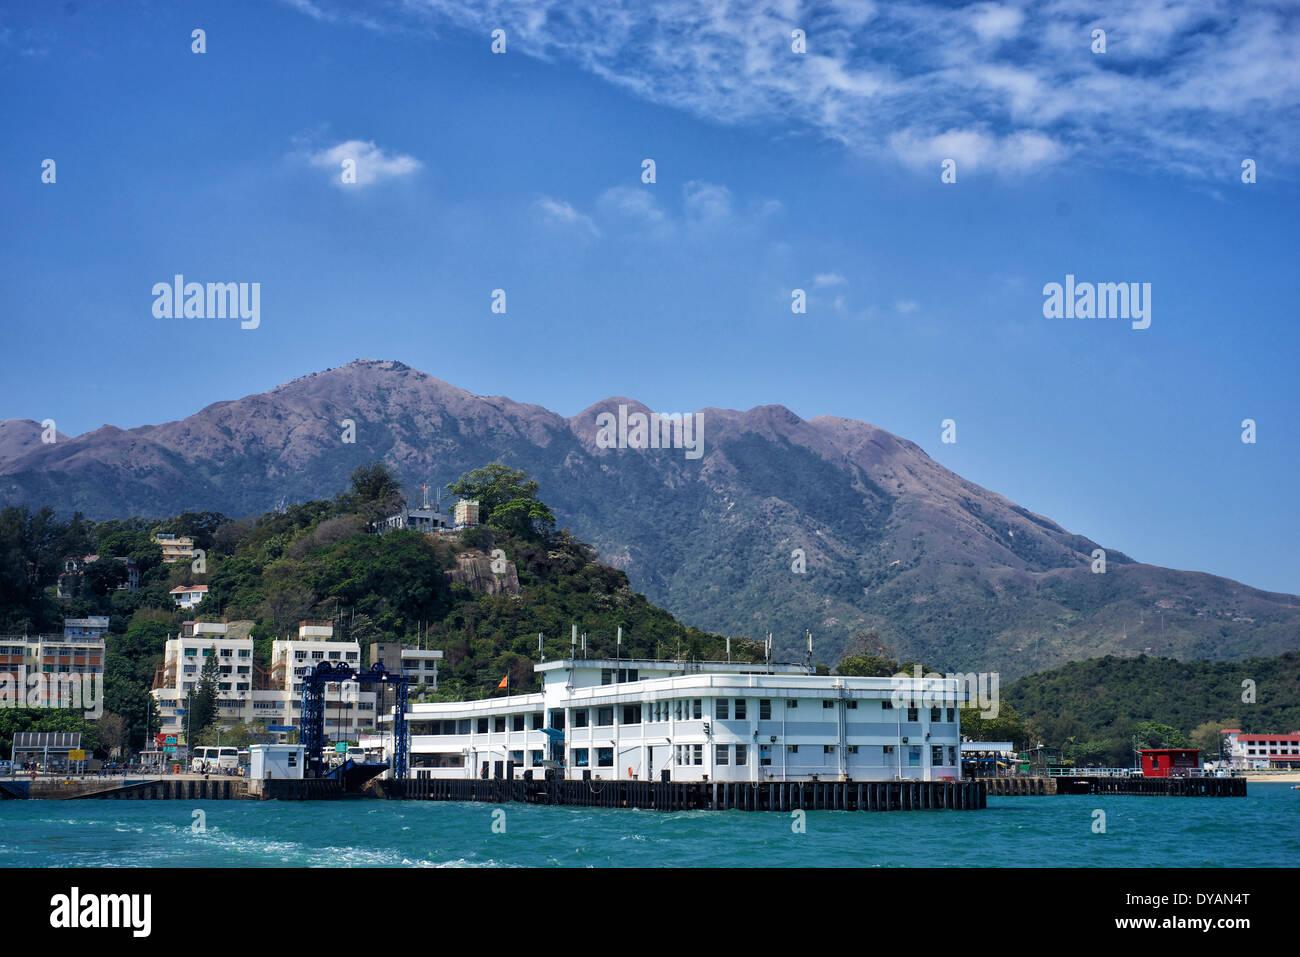 Hong Kong Lantau Island Mui Wo Ferry Pier - Stock Image